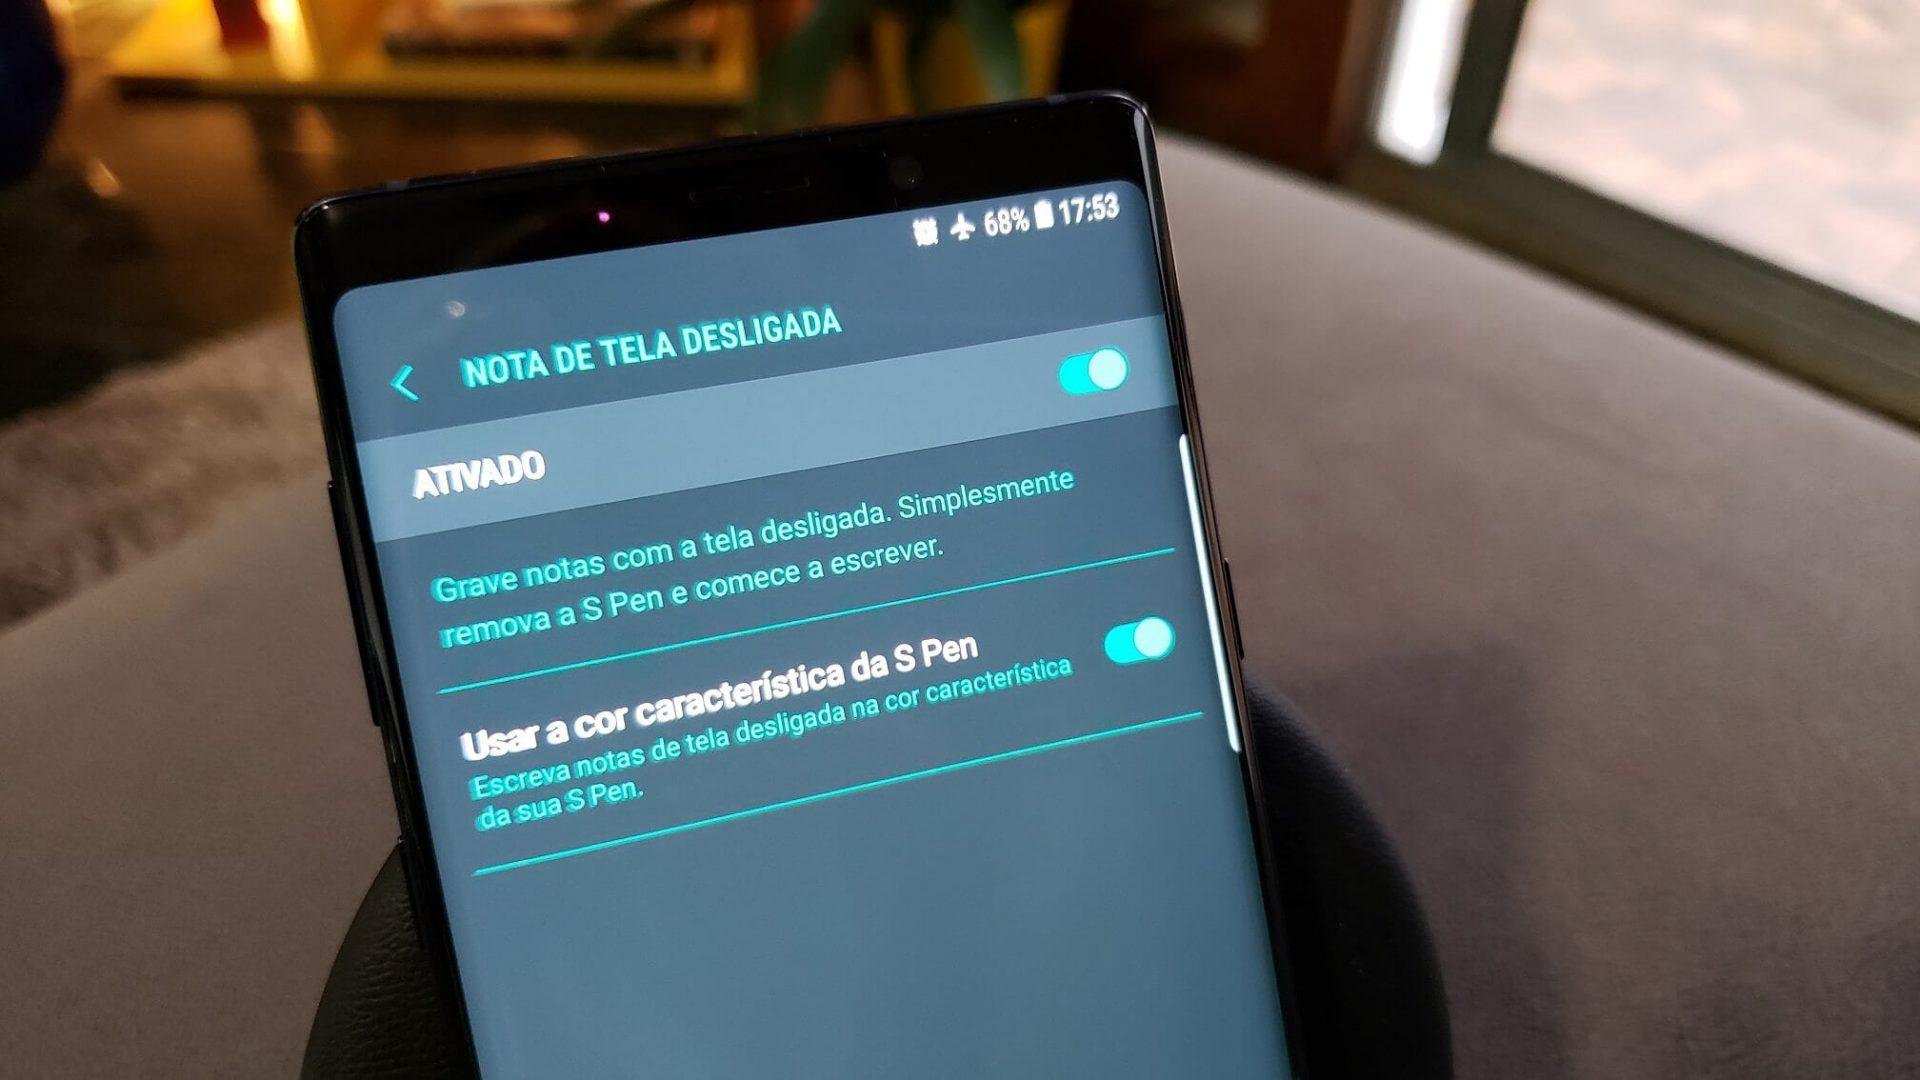 Galaxy Note 9: Dicas e truques para aproveitar ao máximo o smartphone